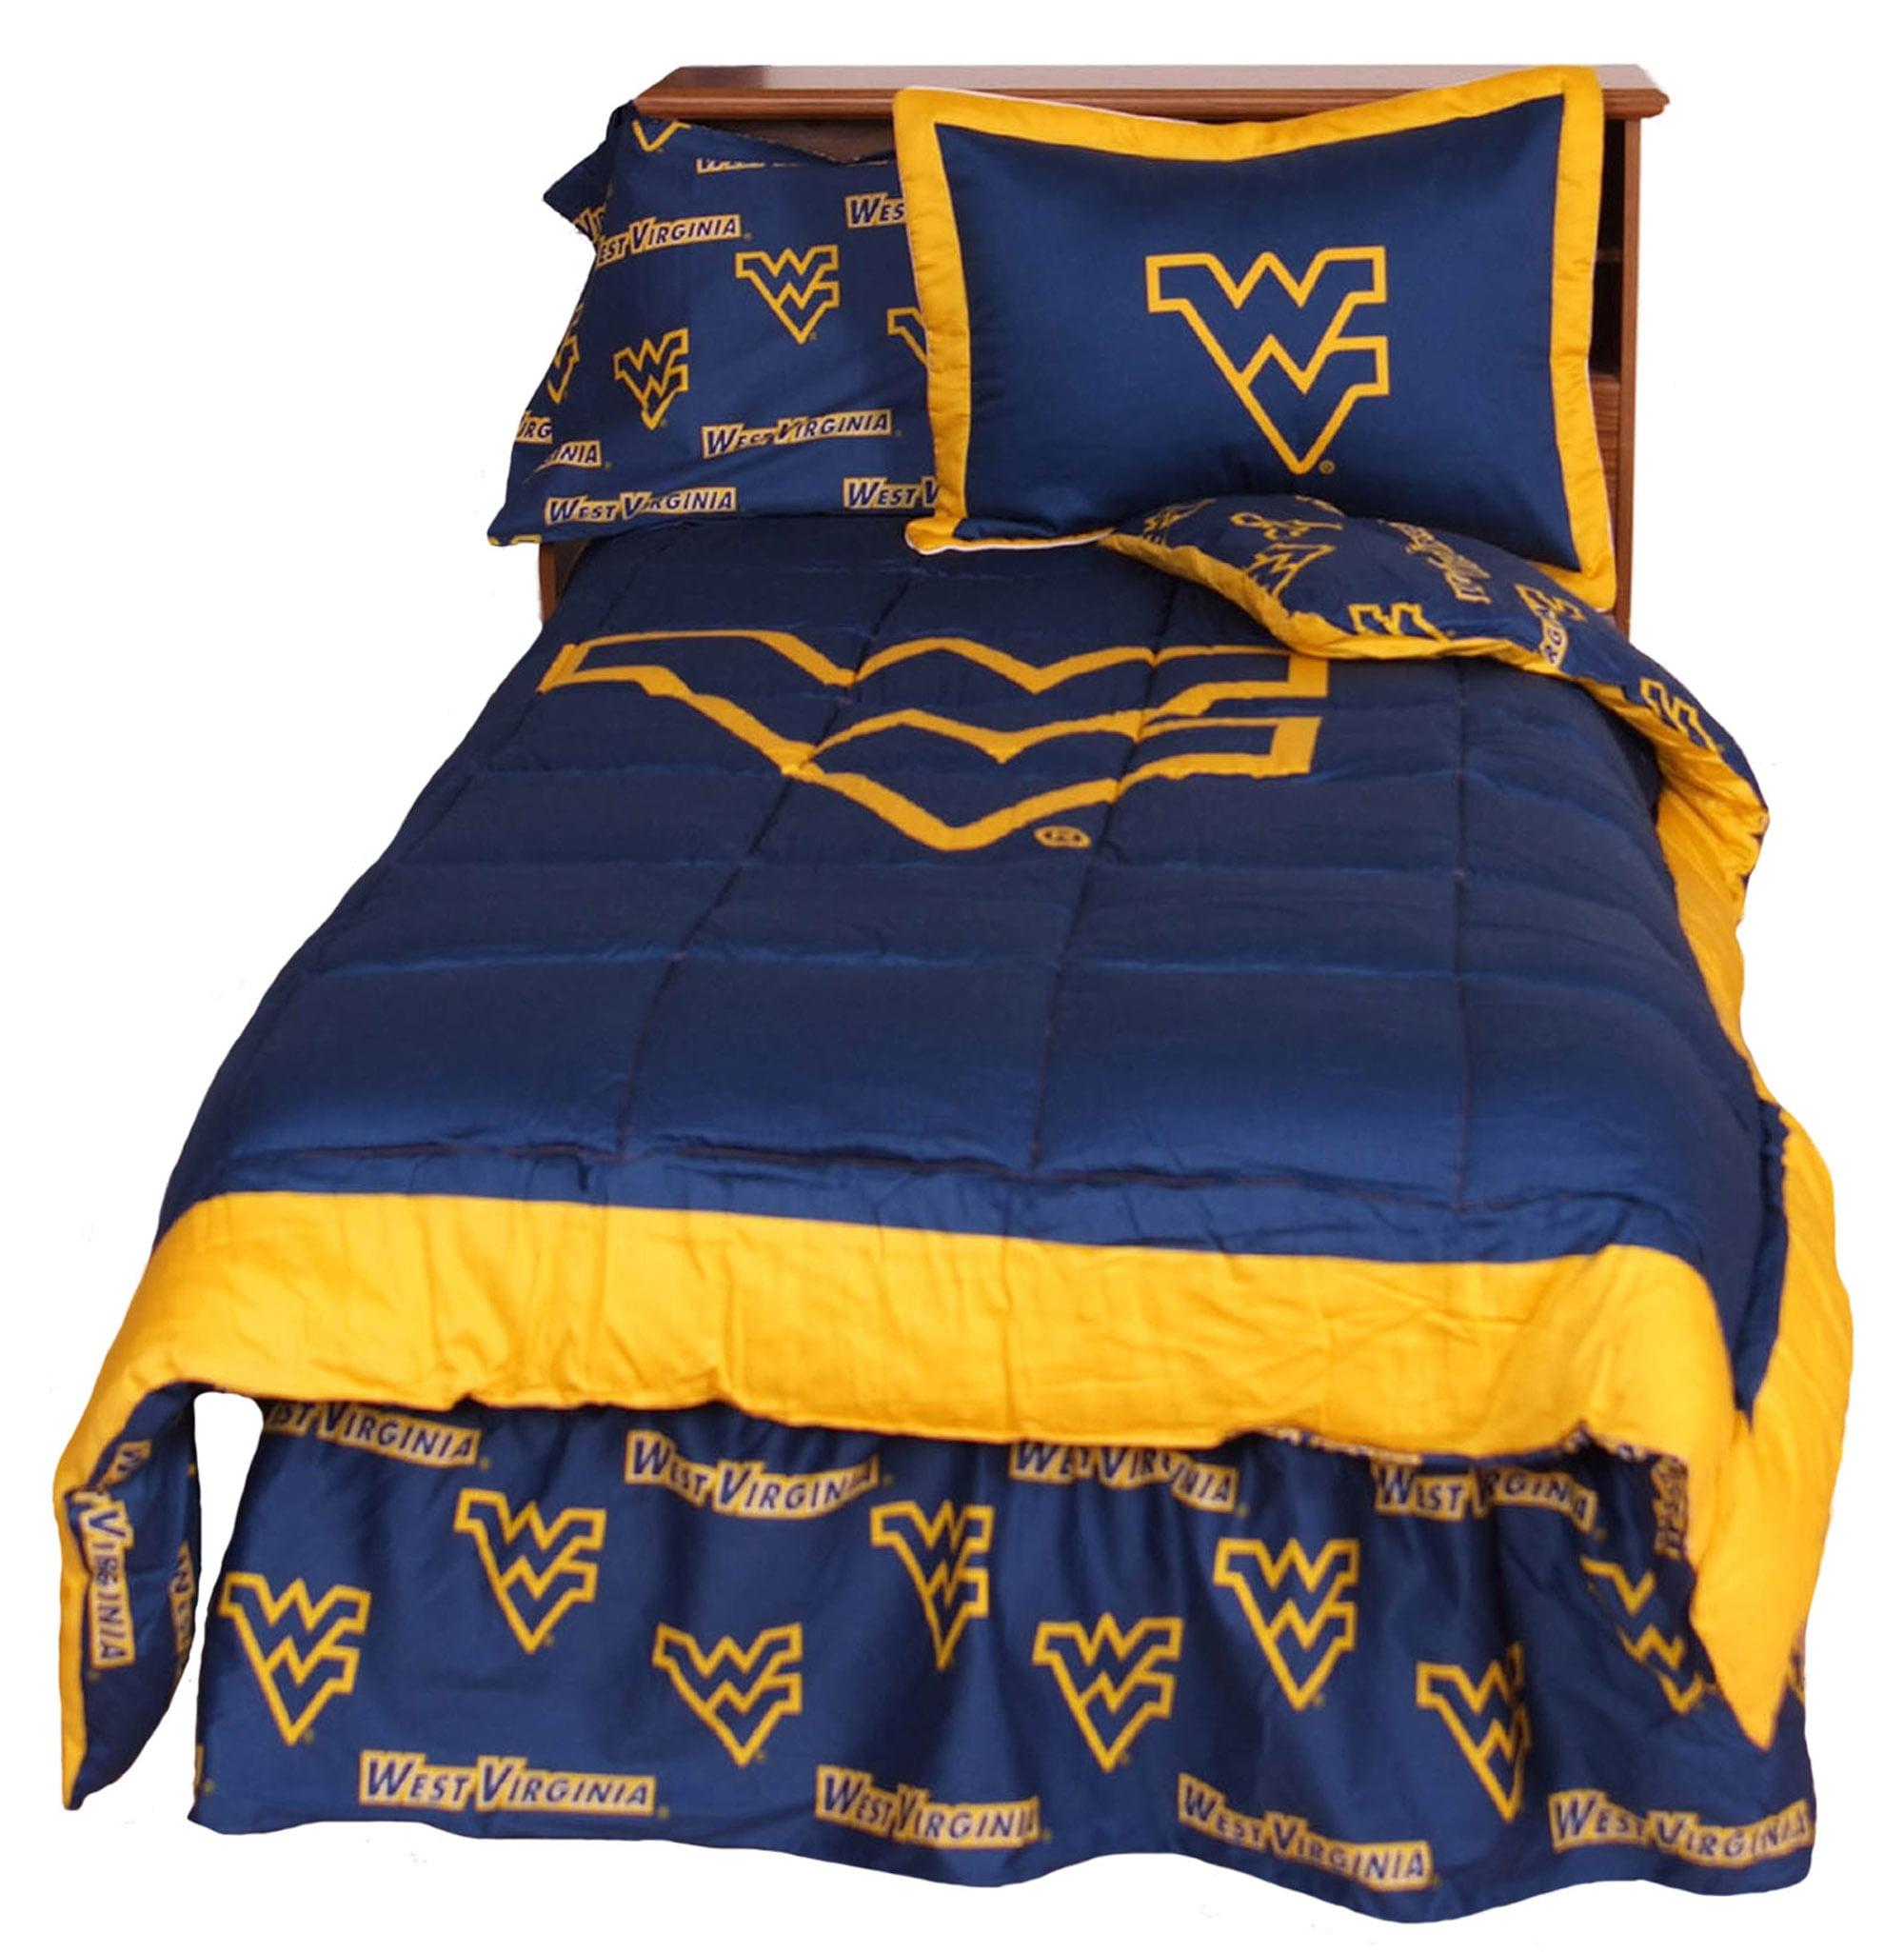 West Virginia Mountaineers 2 Pc Comforter Set, 1 Comforter, 1 Sham, Twin